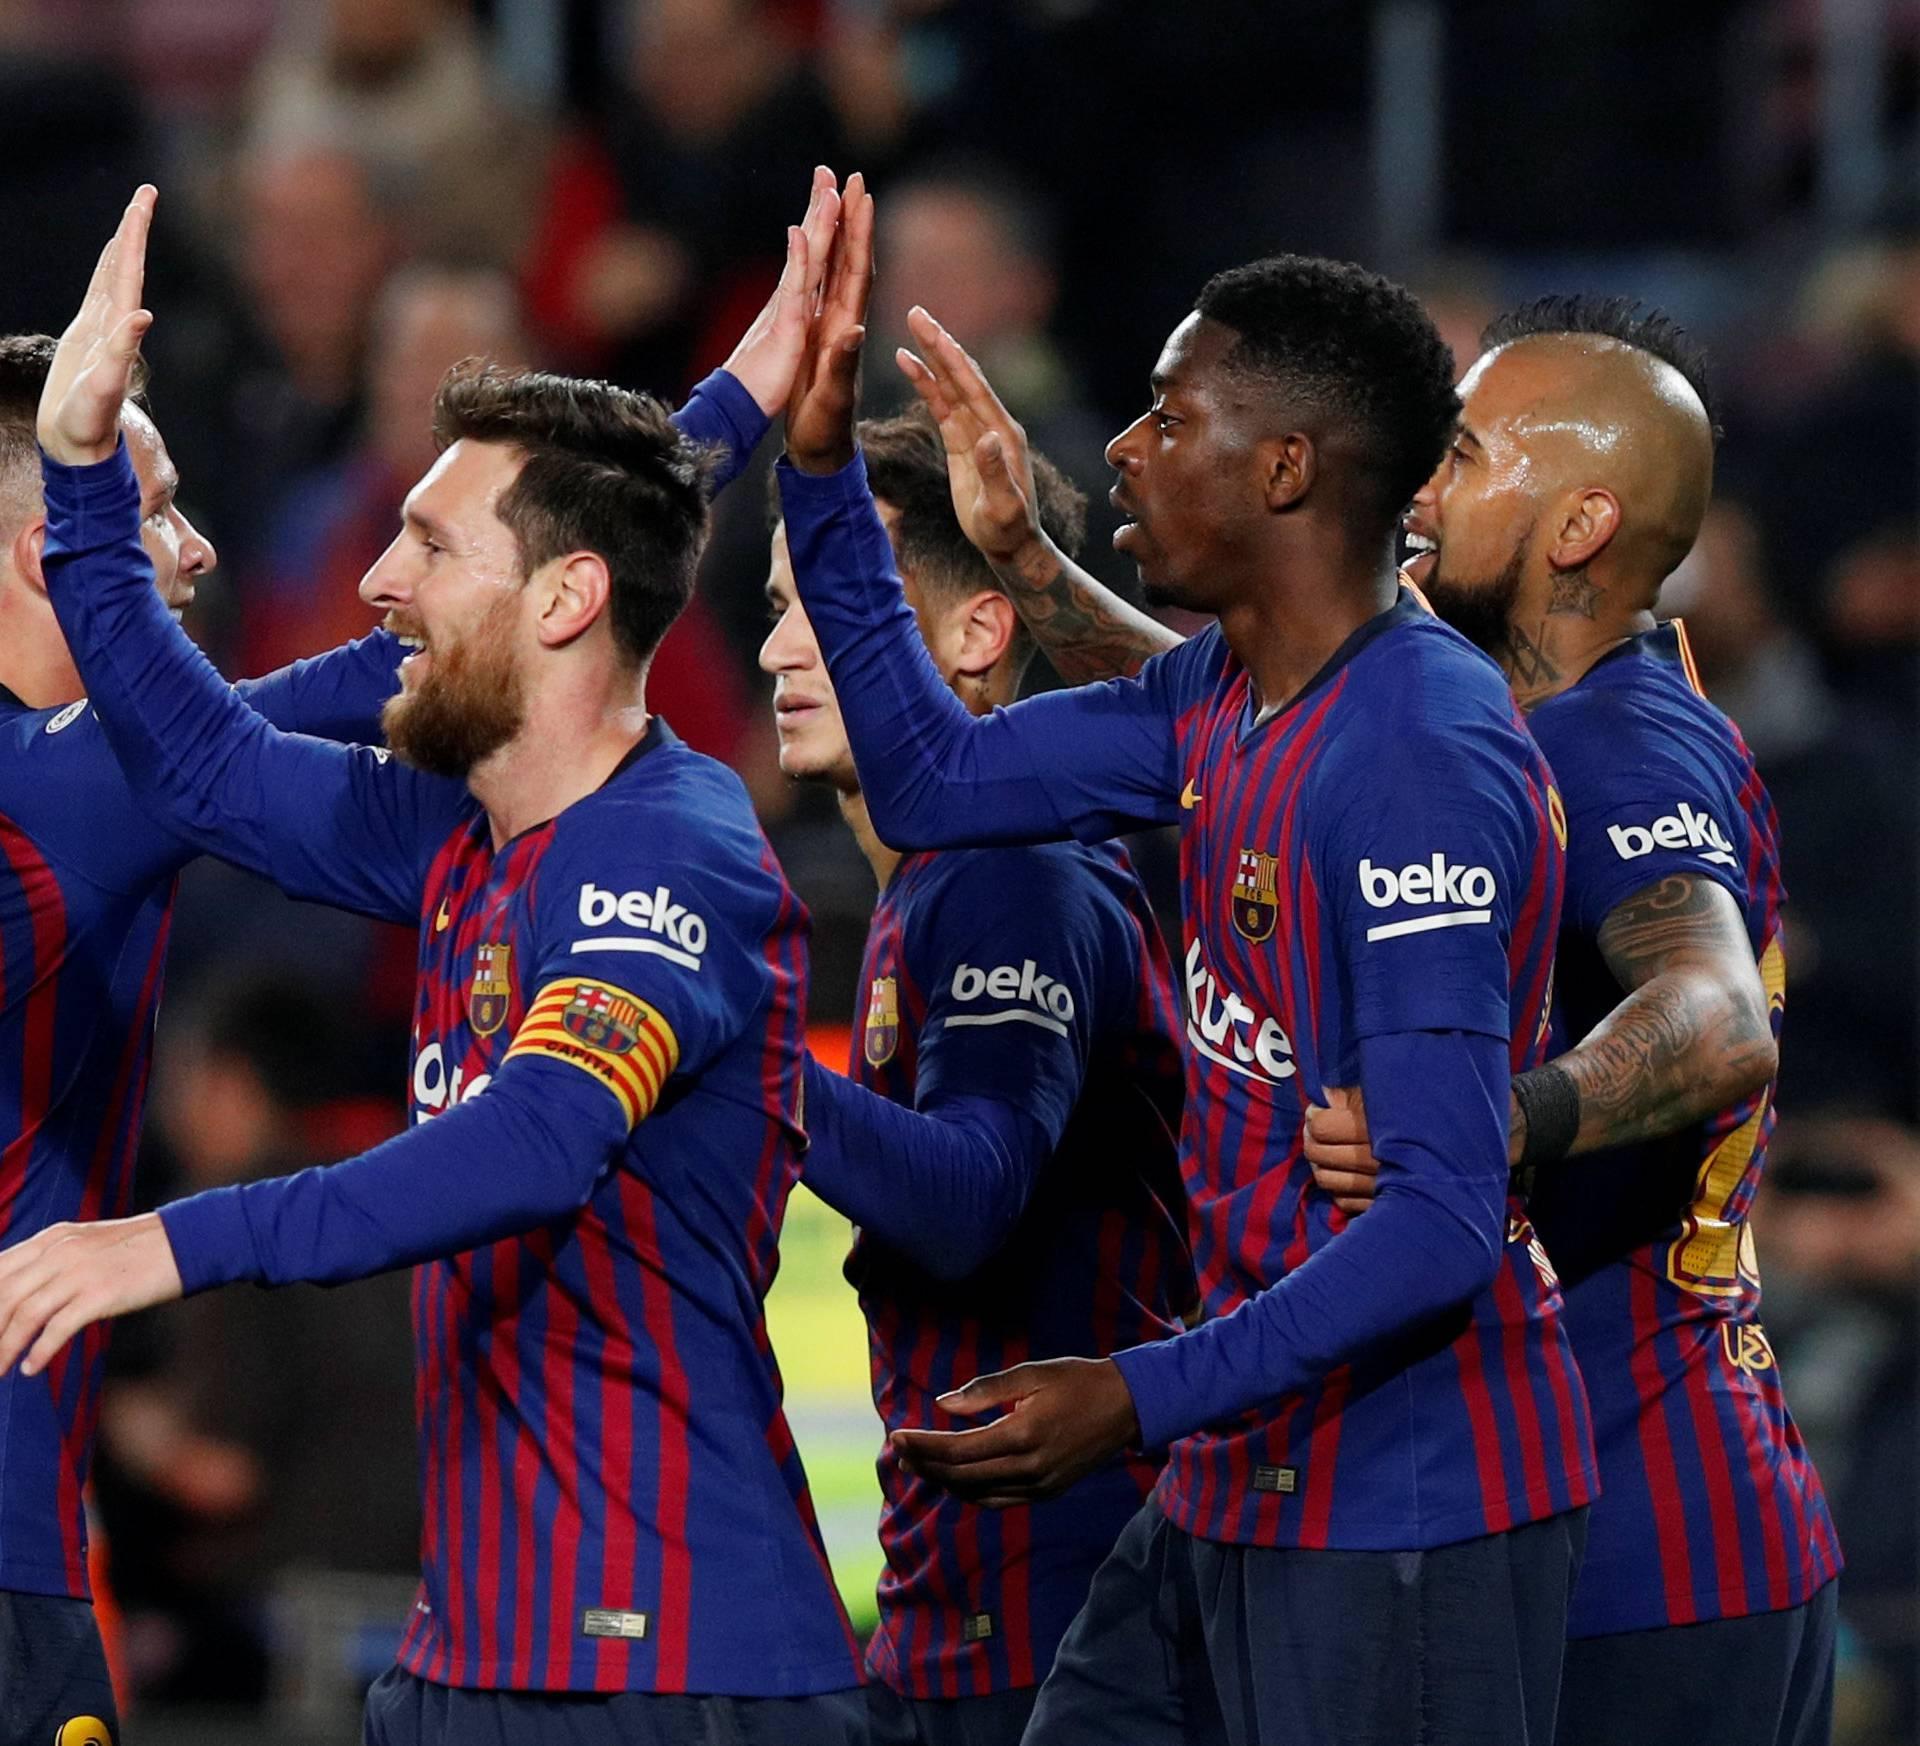 Copa del Rey - Round of 16 - Second Leg - FC Barcelona v Levante